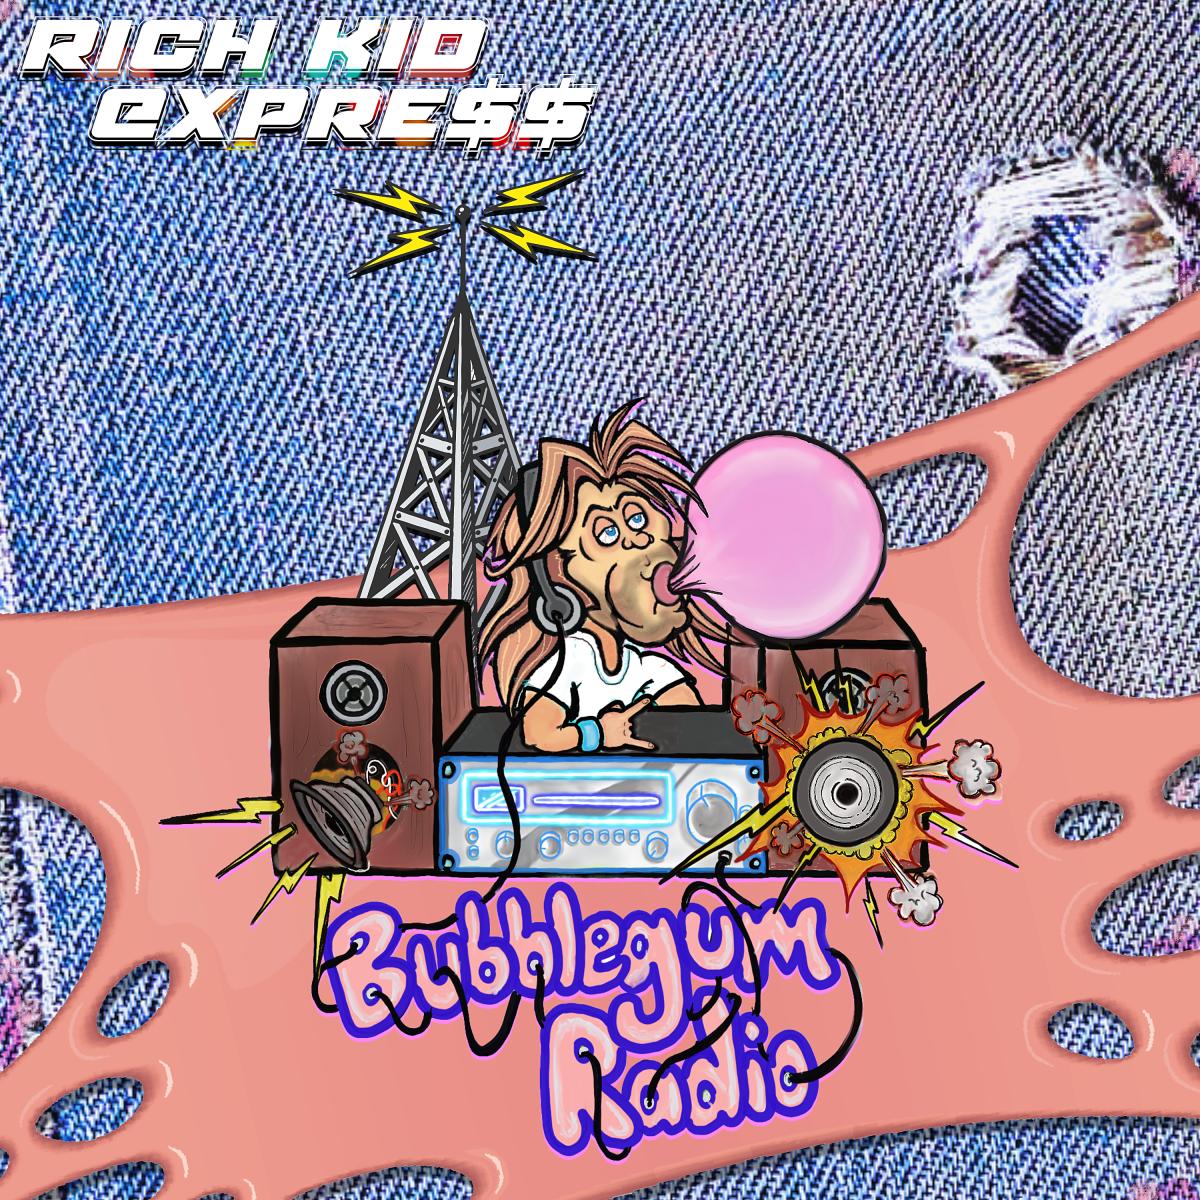 """Rich Kid Express Remembers """"Bubblegum Radio"""""""